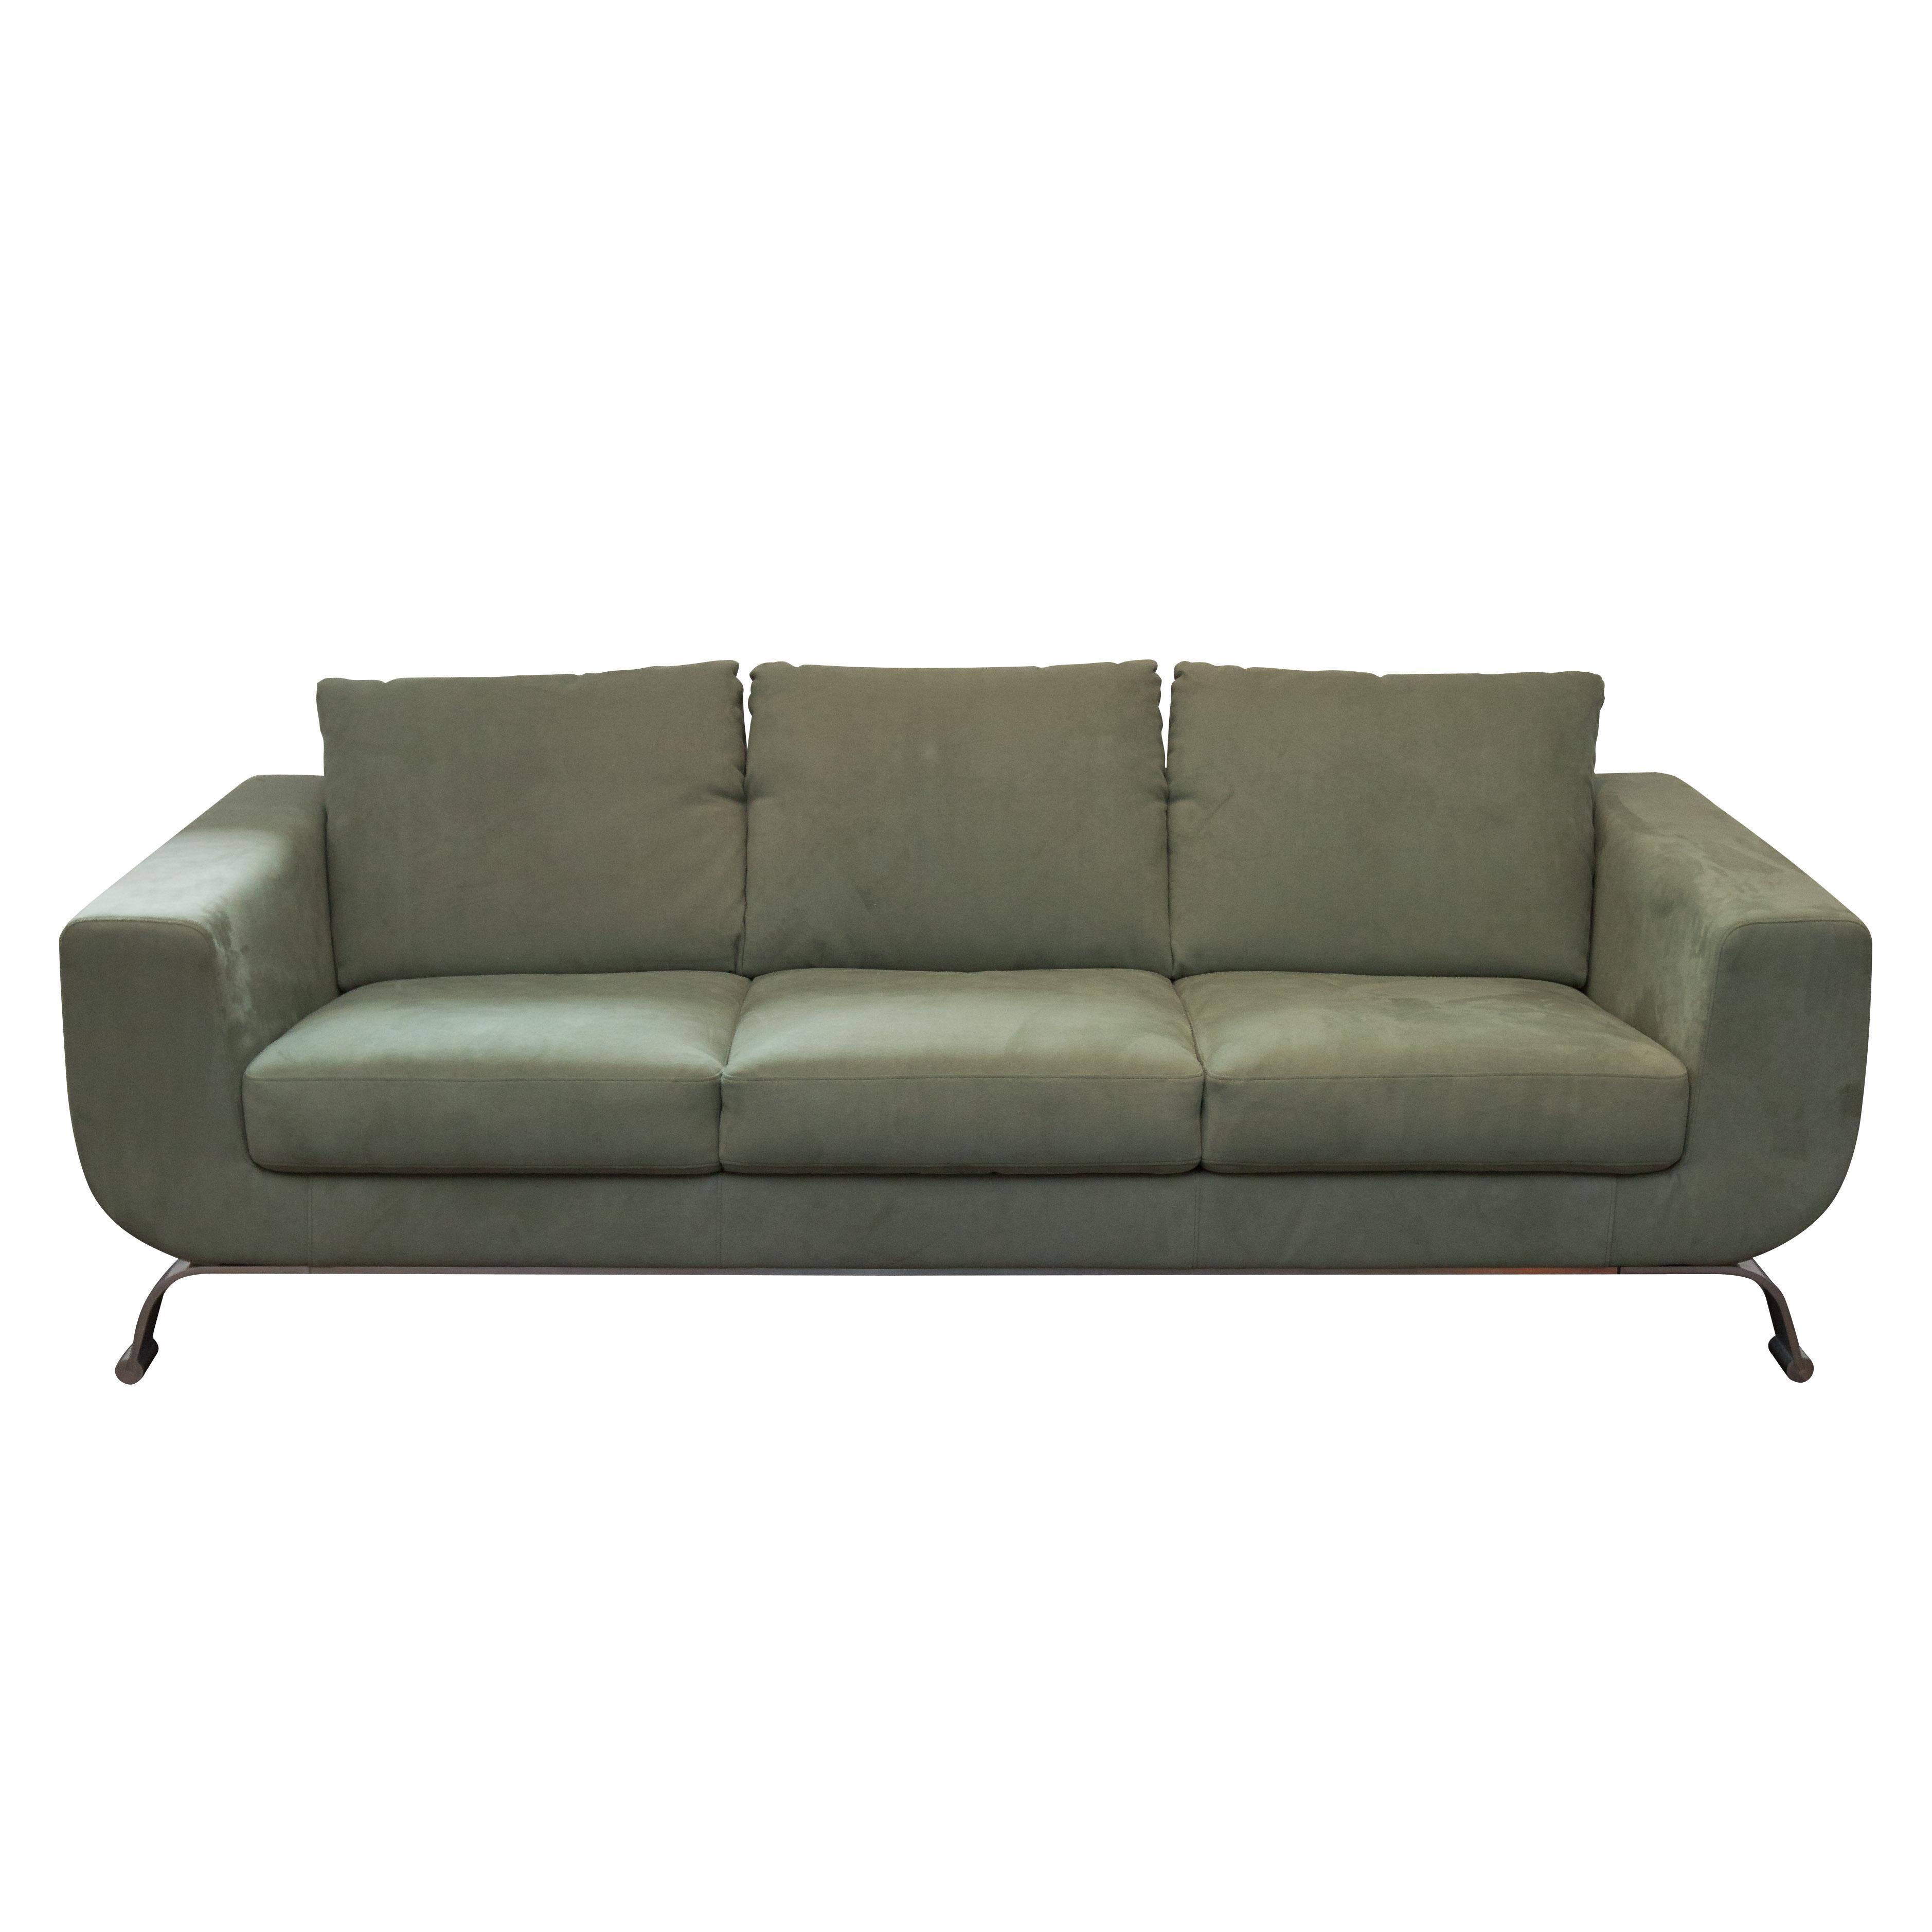 Seafoam ultrasuede modern italian sofa chairish for Ultra modern italian furniture